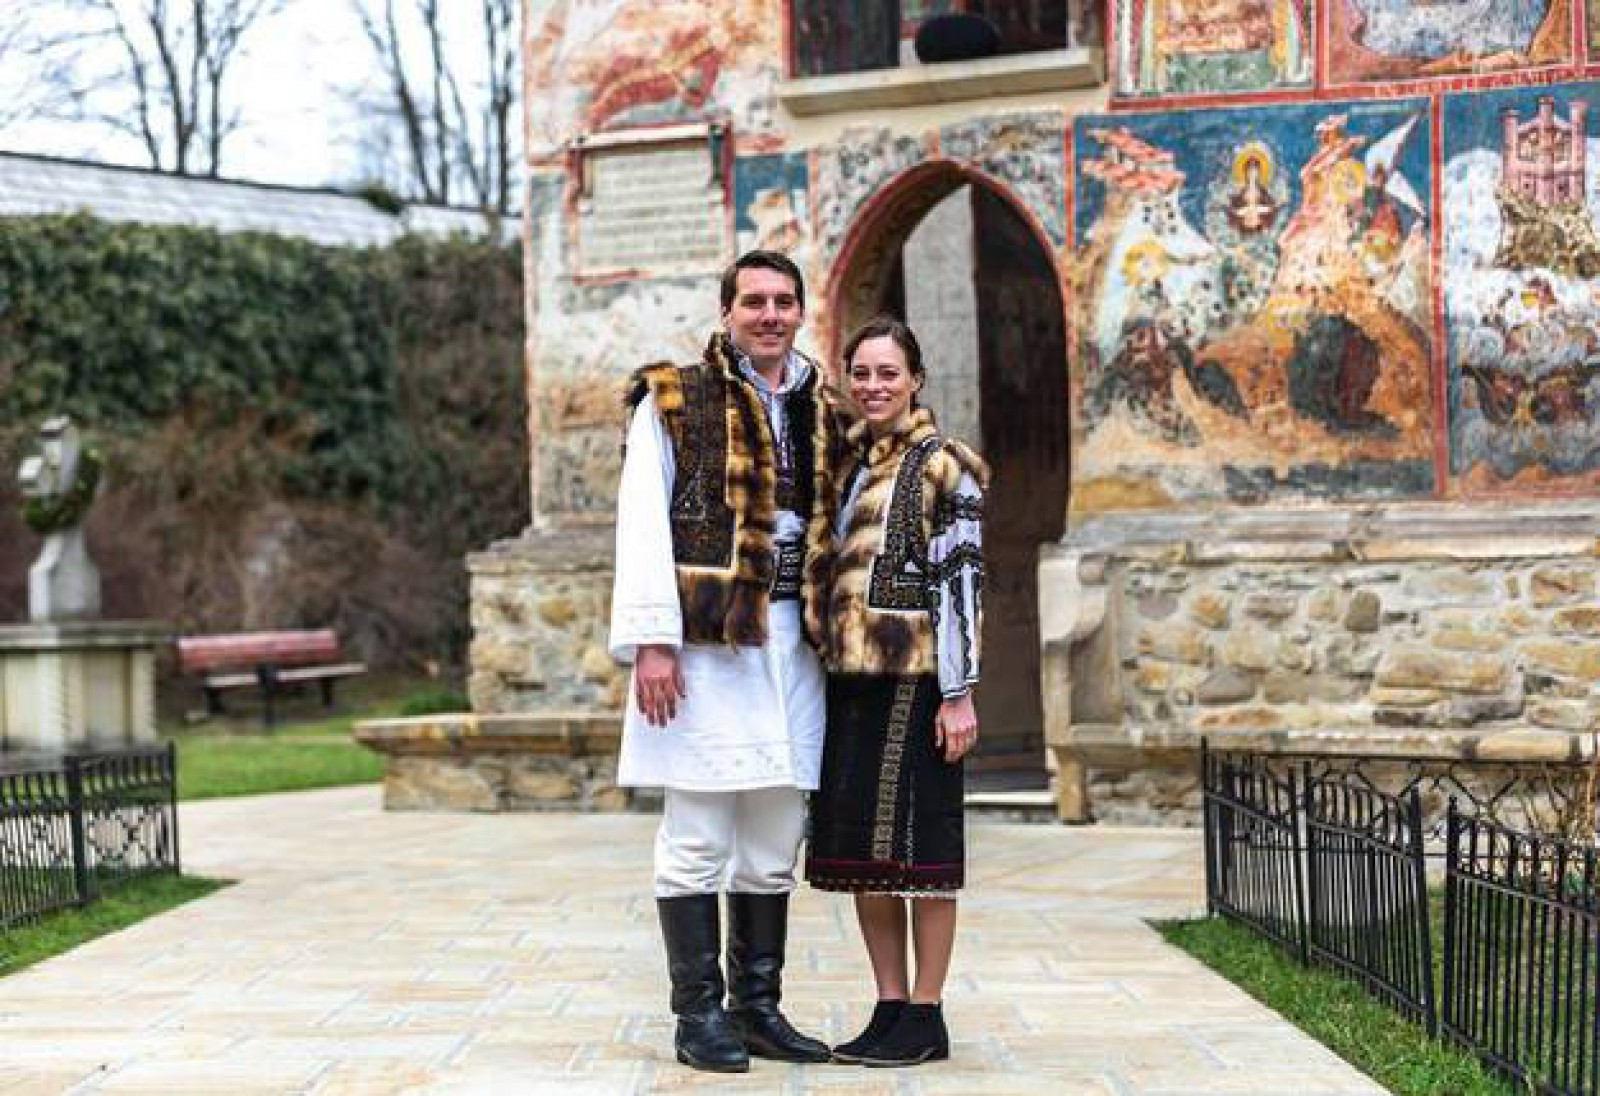 Principele Nicolae a dezvăluit data nunţii cu Alina Binder. Când şi unde va avea loc evenimentul